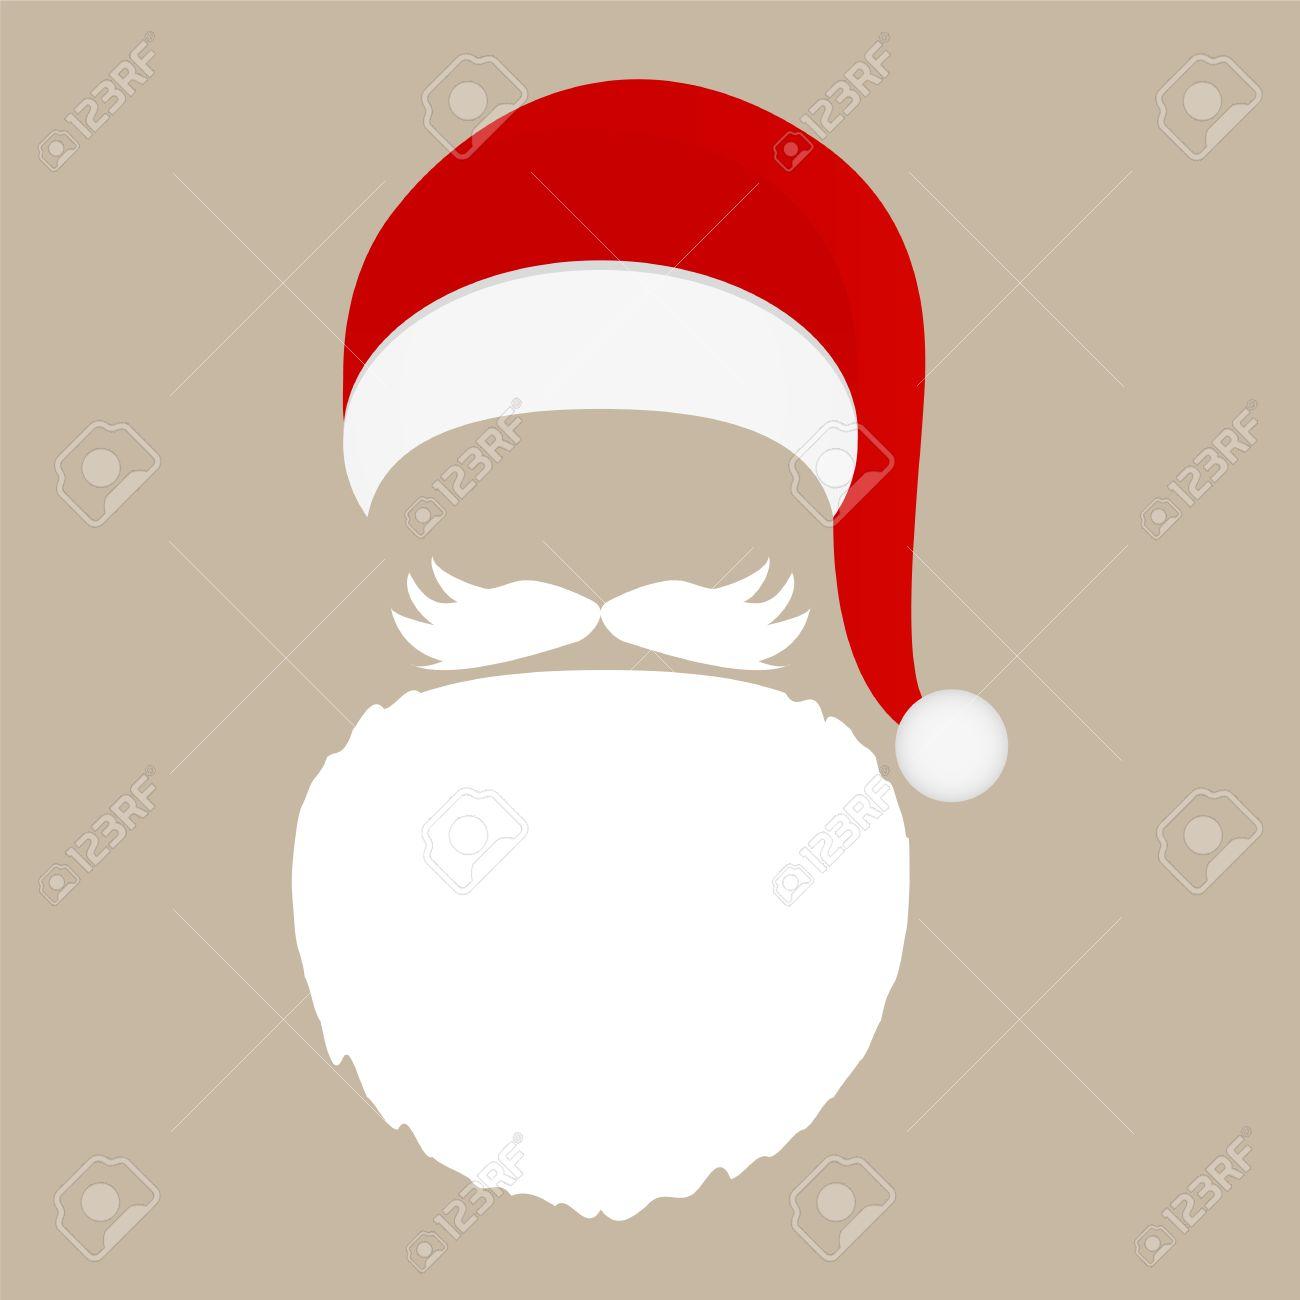 Bildergebnis für weihnachtsmann bart bild